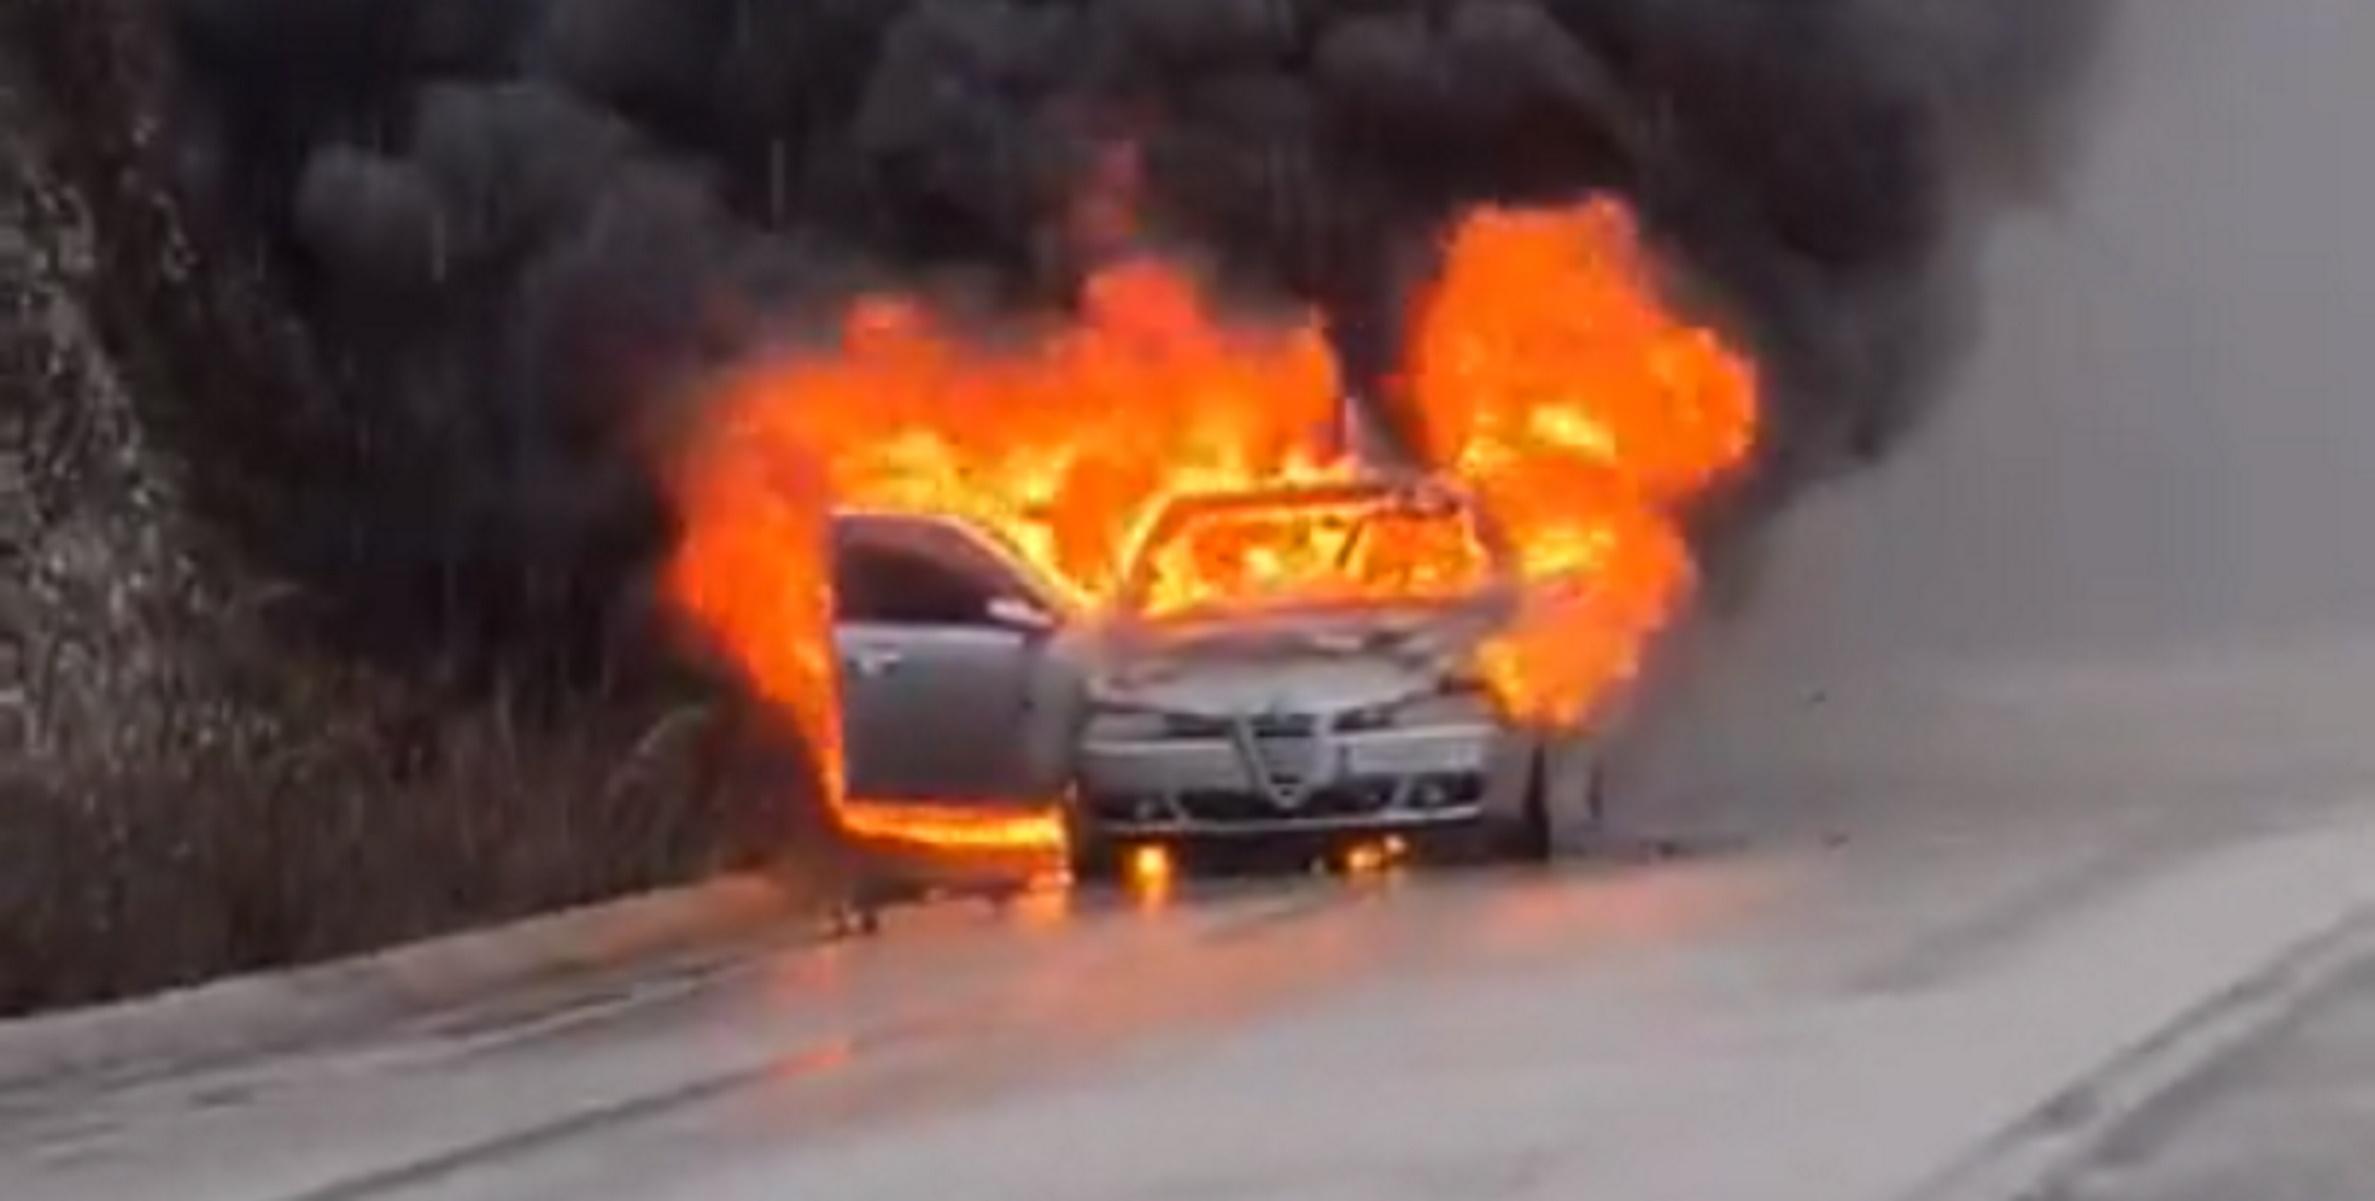 Ηγουμενίτσα: Λαμπάδιασε αυτοκίνητο εν κινήσει – Δευτερόλεπτα αγωνίας για οικογένεια (video)